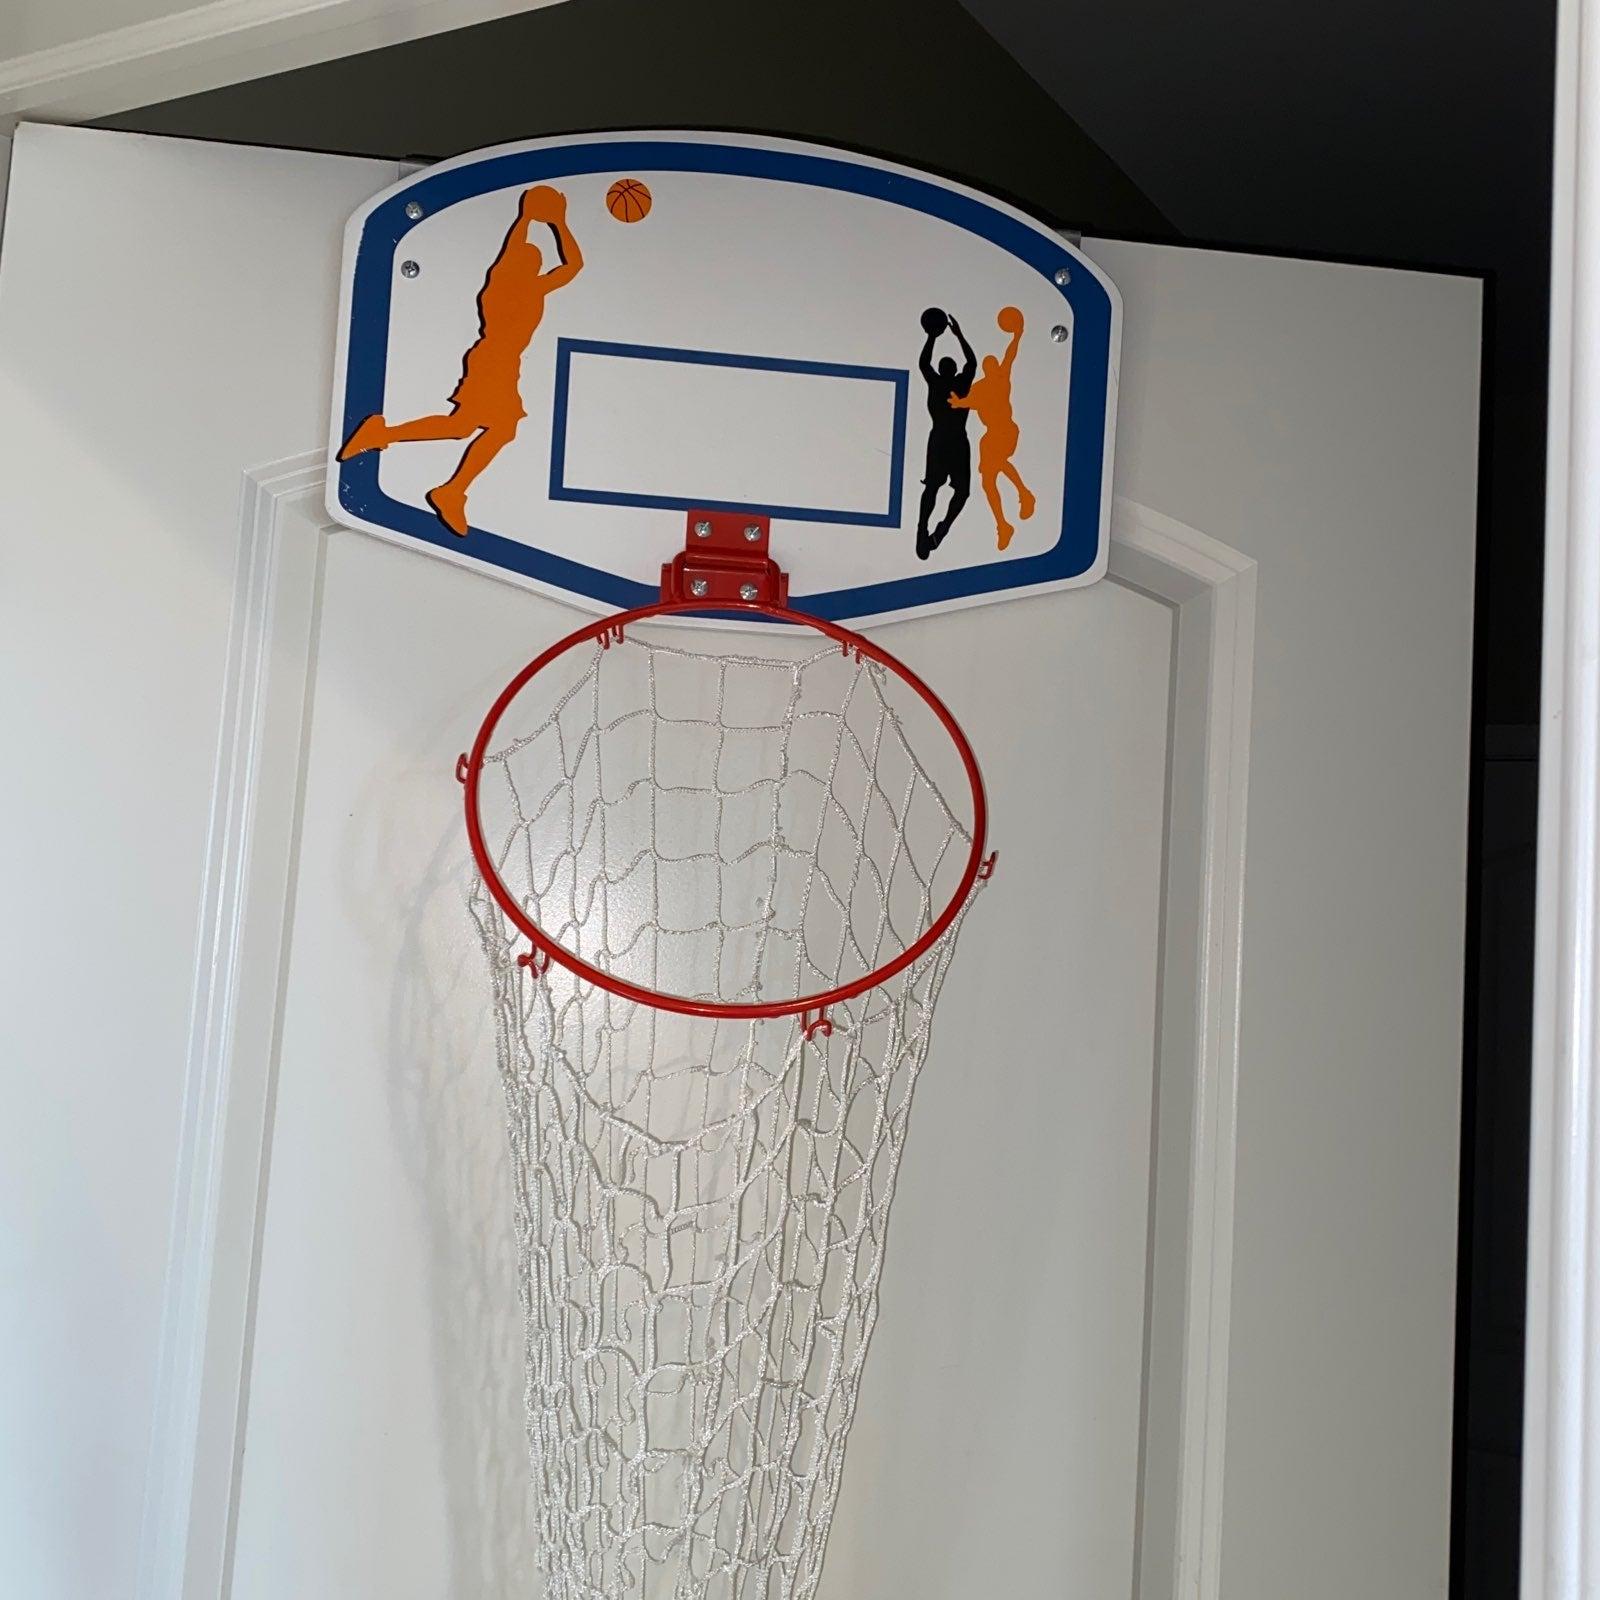 Basketball hoop hamper